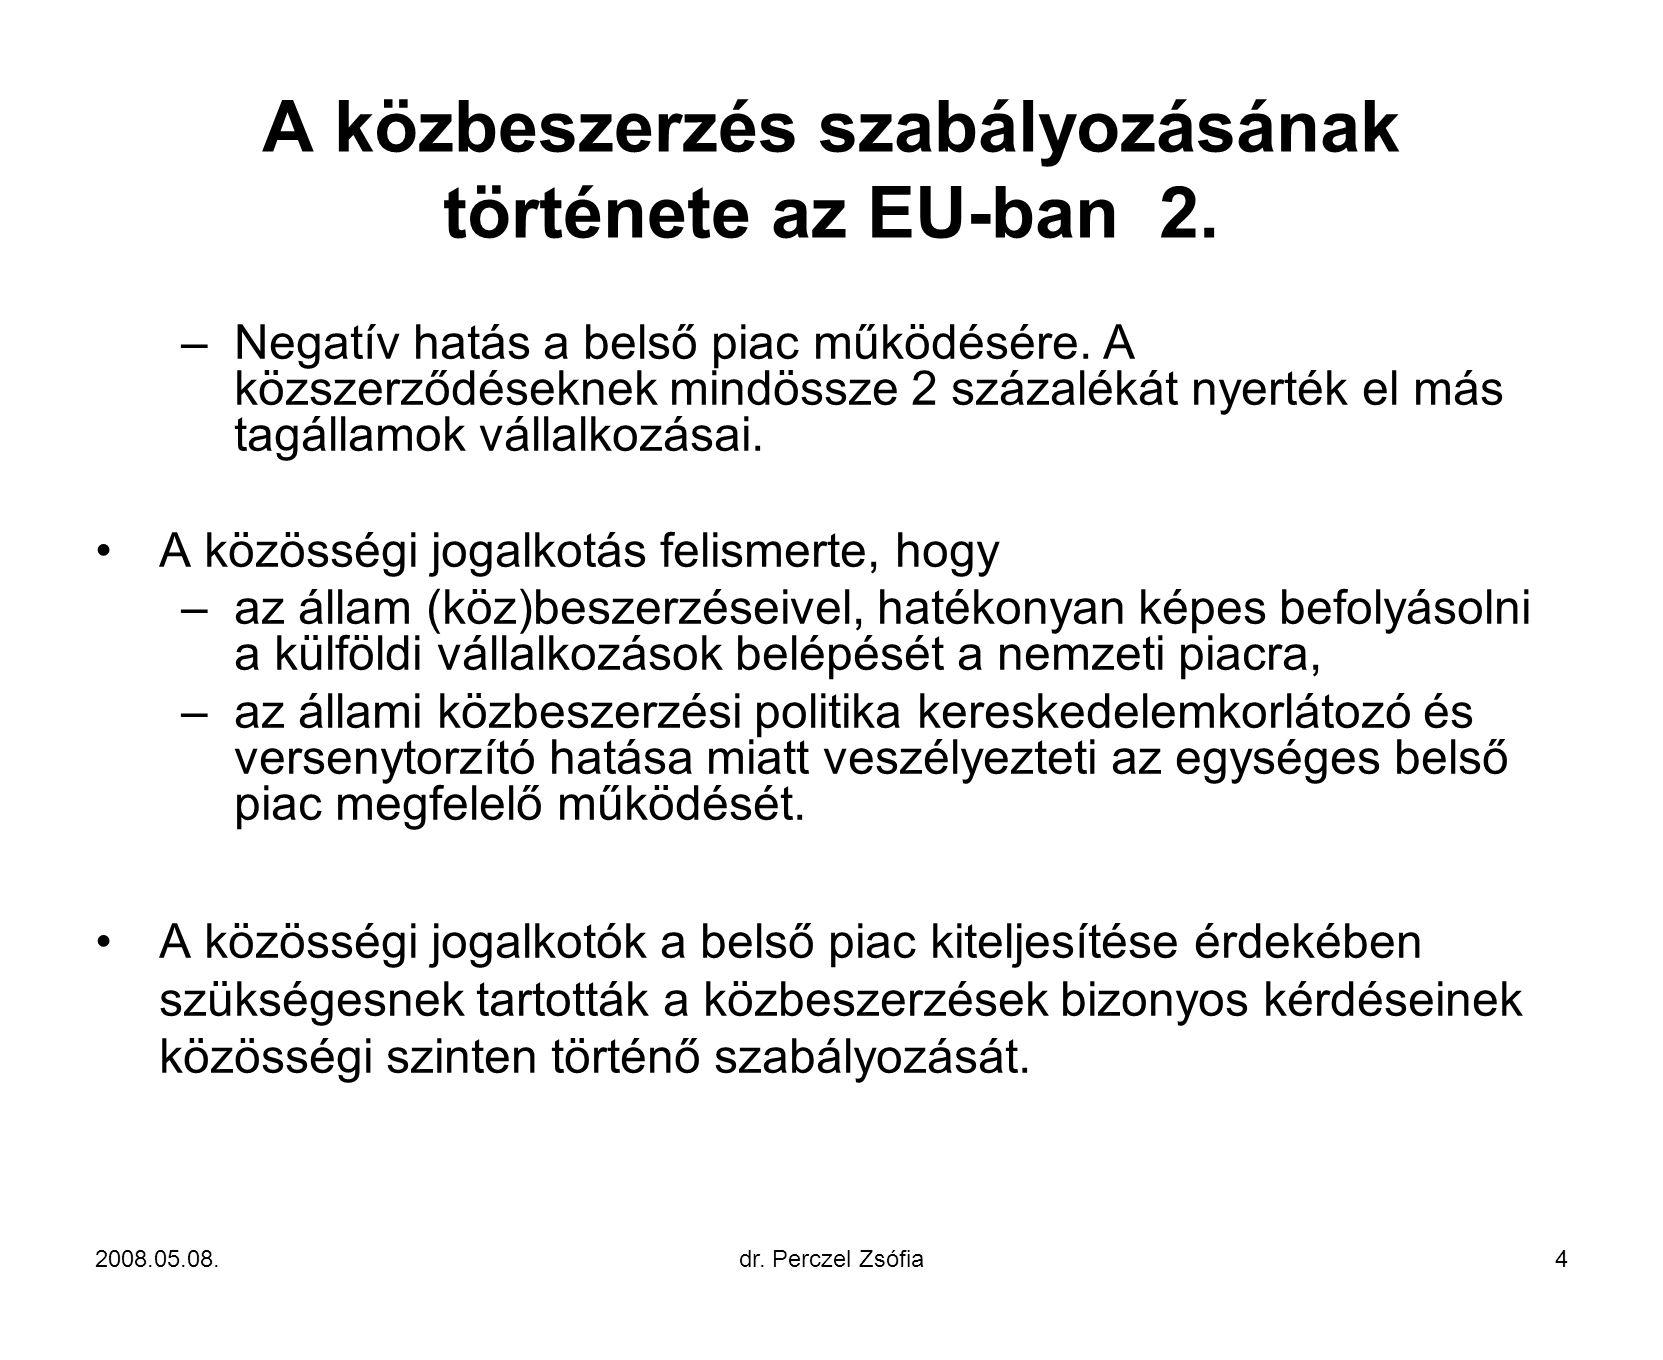 A közbeszerzés szabályozásának története az EU-ban 2.